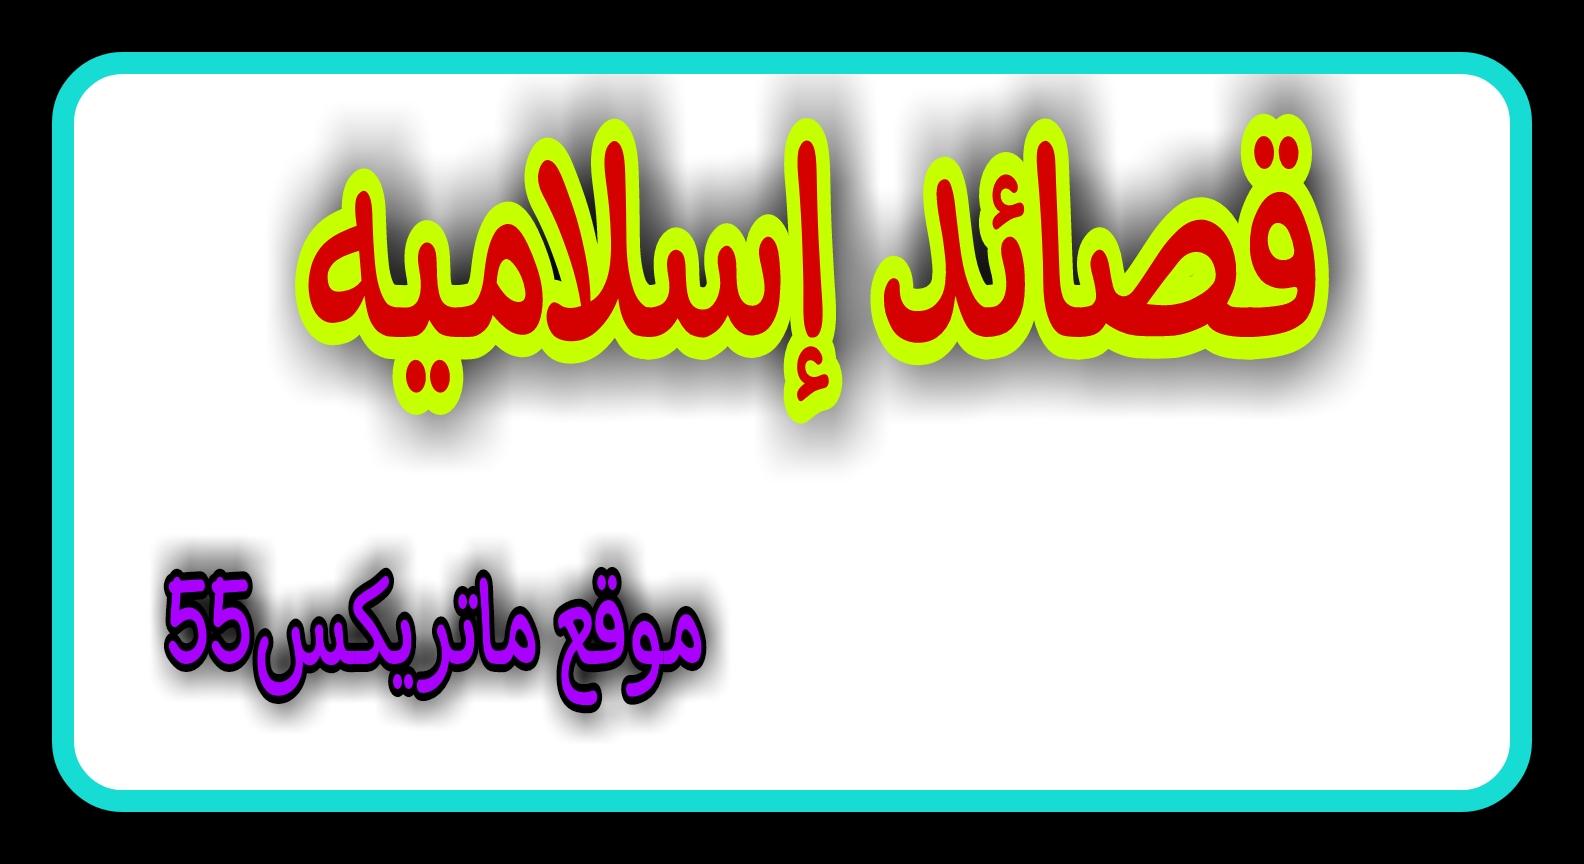 نرجوا رحمتك   معلومات اسلامية   معلومات اسلامية مفيدة   معلومات اسلامية للاطفال